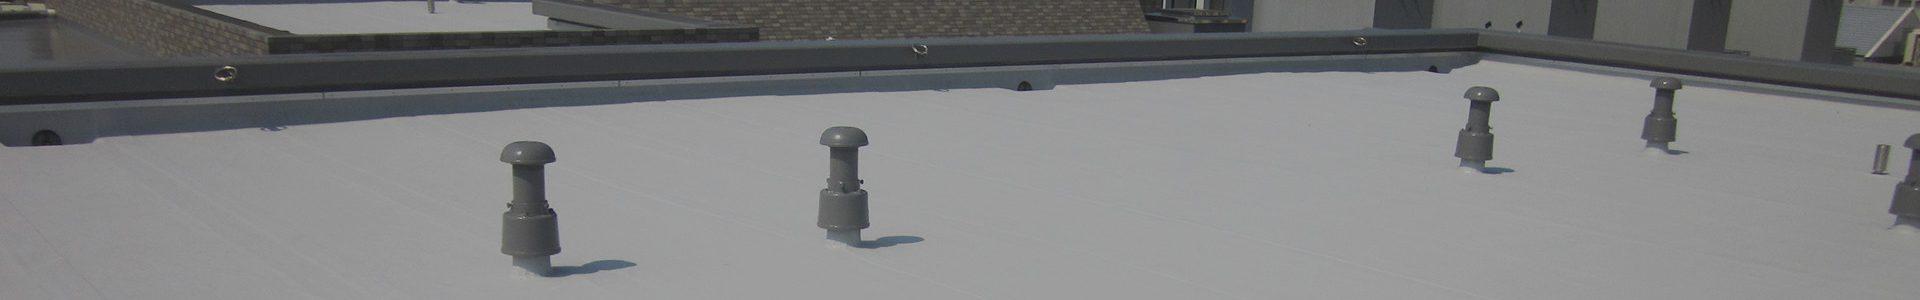 写真:ビル屋上